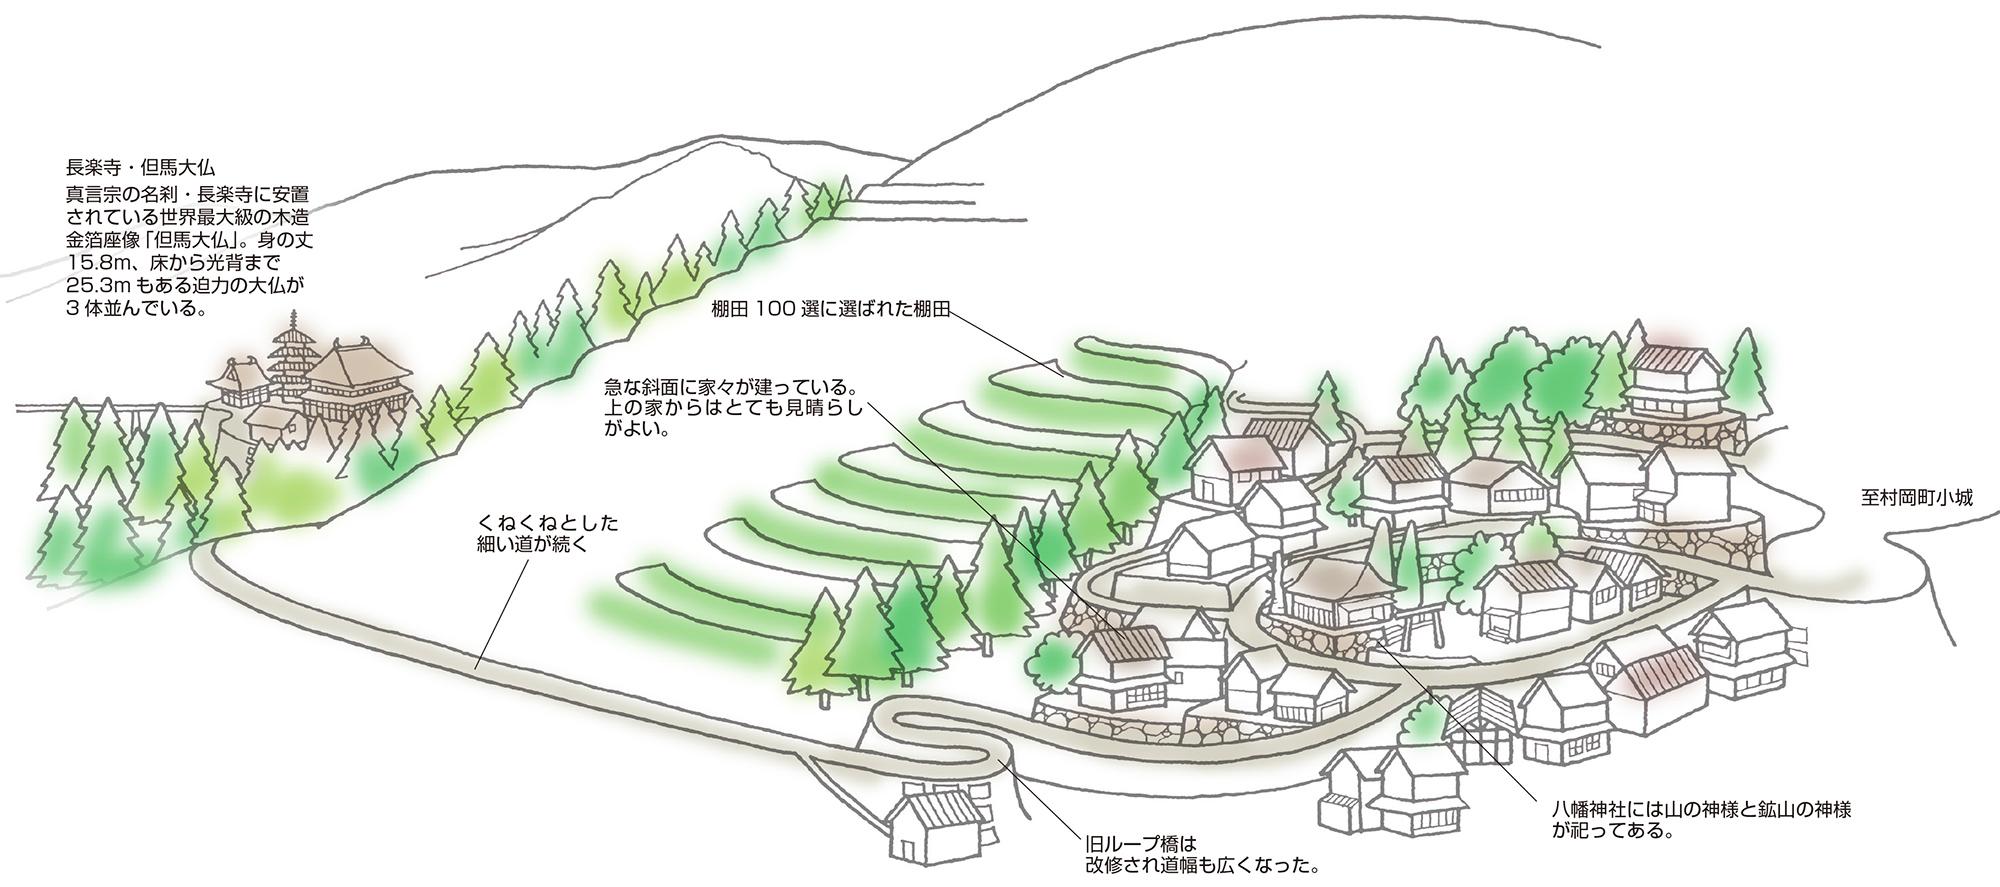 棚田100選に選ばれた里<香美町村岡区和佐父>(Vol.47/2003年7月発行)